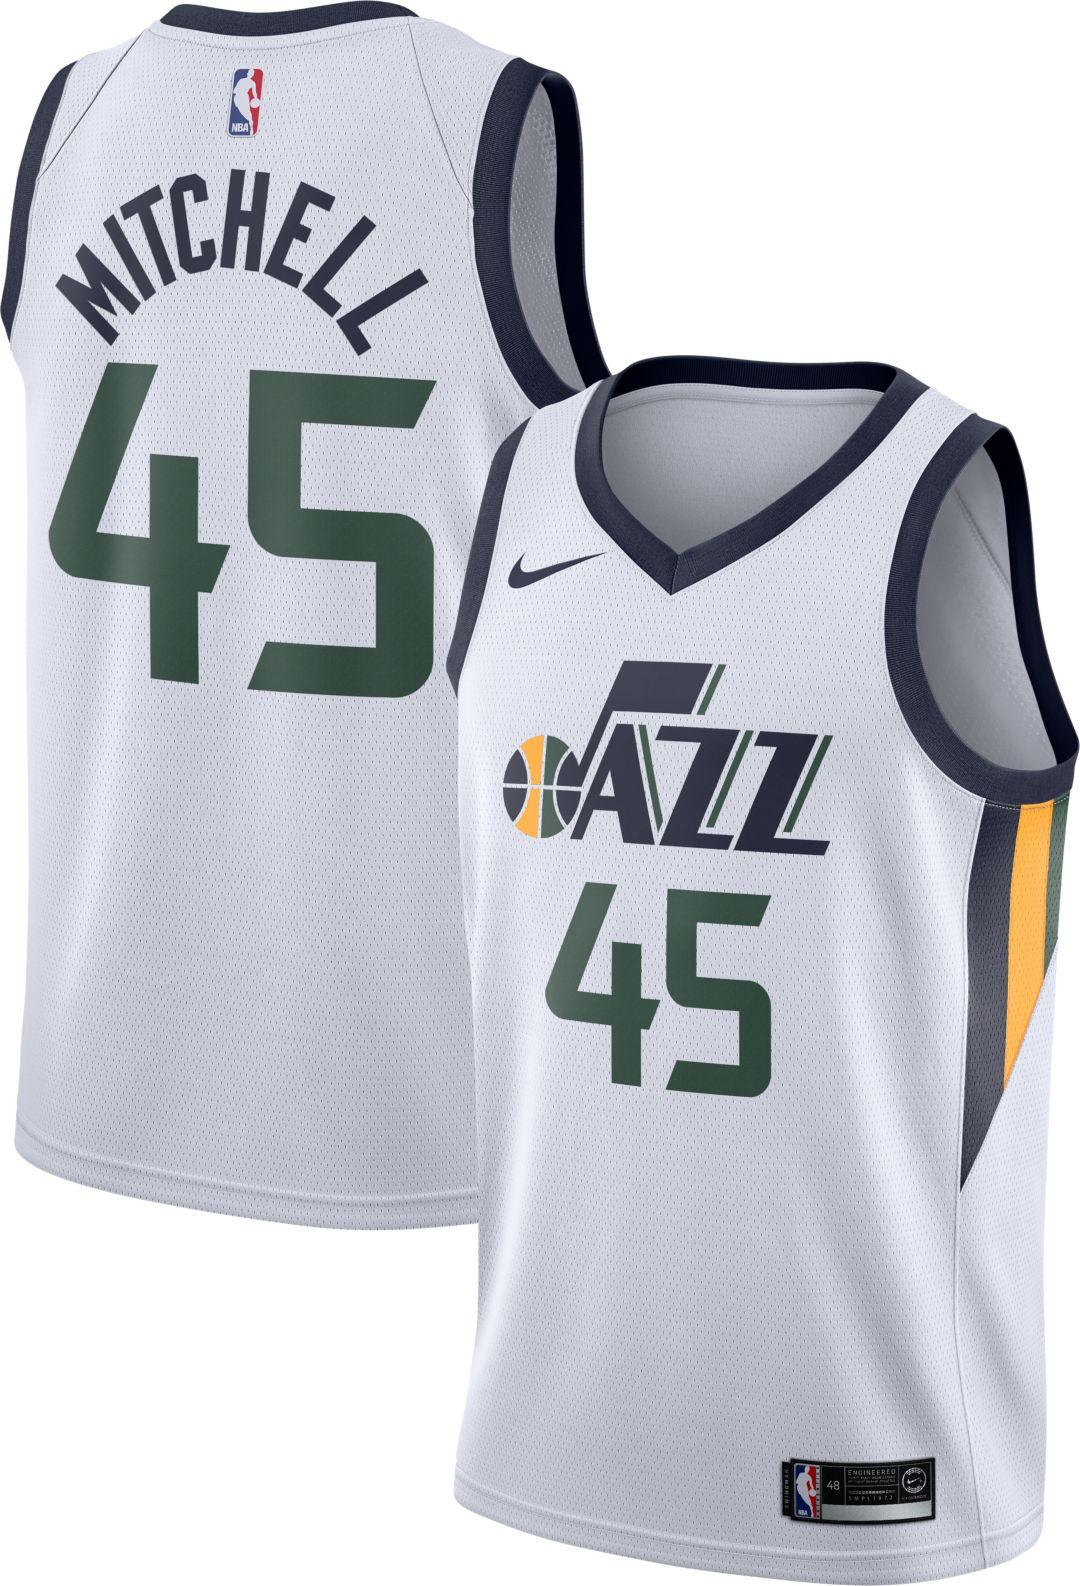 size 40 1a868 defe9 Nike Men's Utah Jazz Donovan Mitchell #45 White Dri-FIT Swingman Jersey